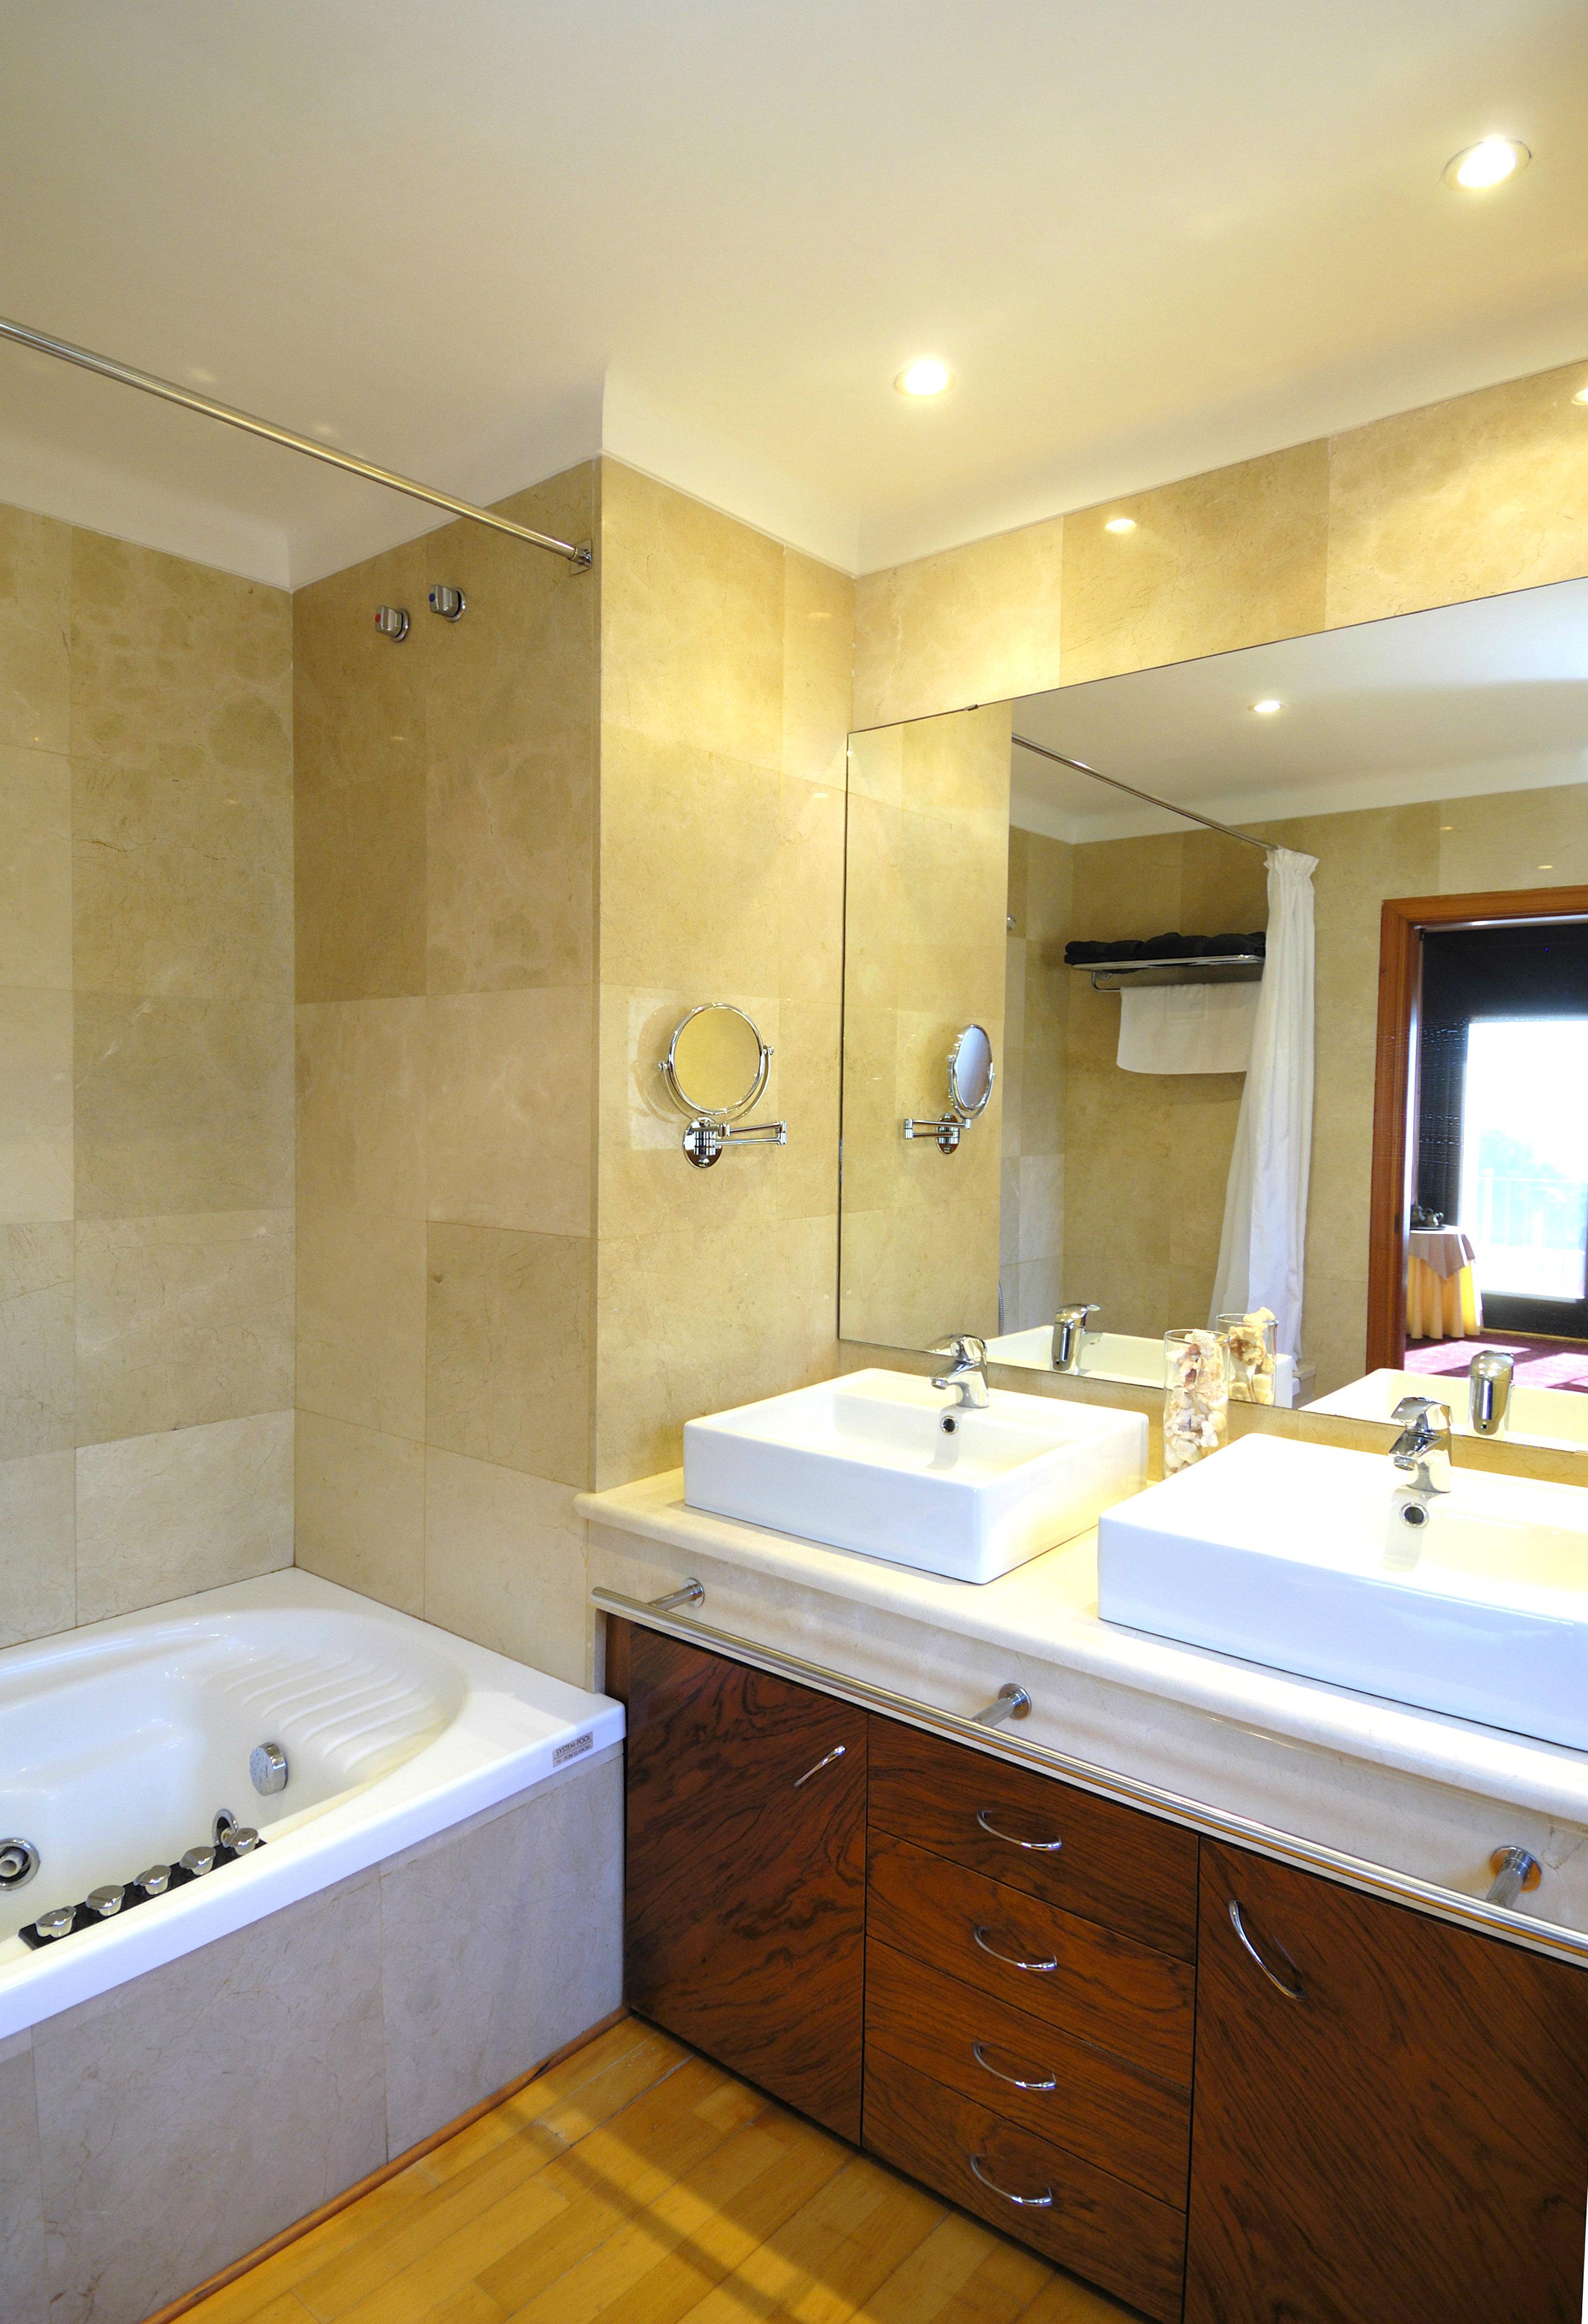 Apartment ROSA  ESPECTACULAR CASA MODERNA EN SANT ELM CON PISCINA PRIVADA Y WIFI GRATUITO photo 30445288